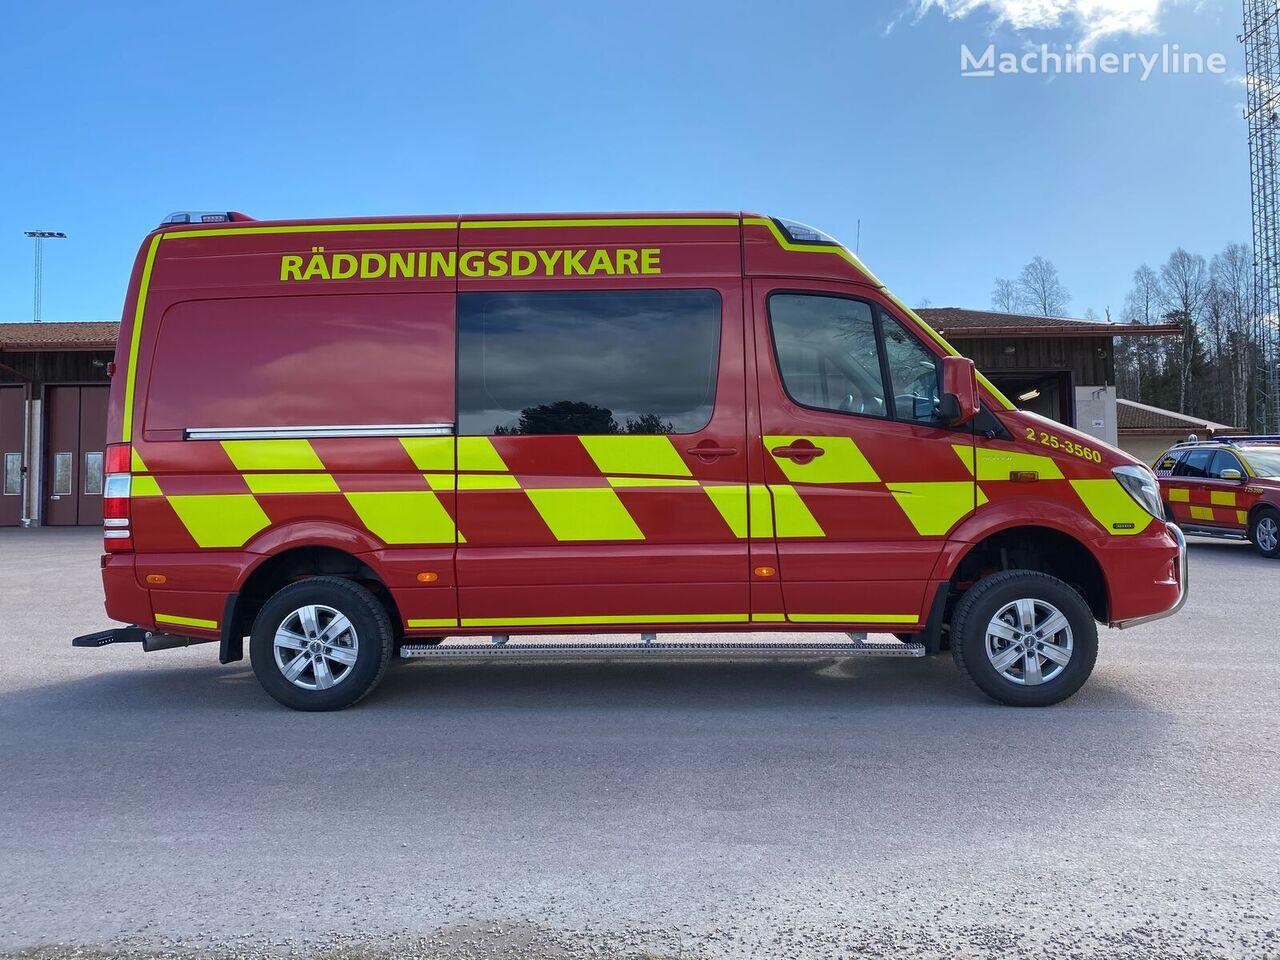 MERCEDES-BENZ Sprinter 319 906 AC35/4 - fire vehicle  fire truck